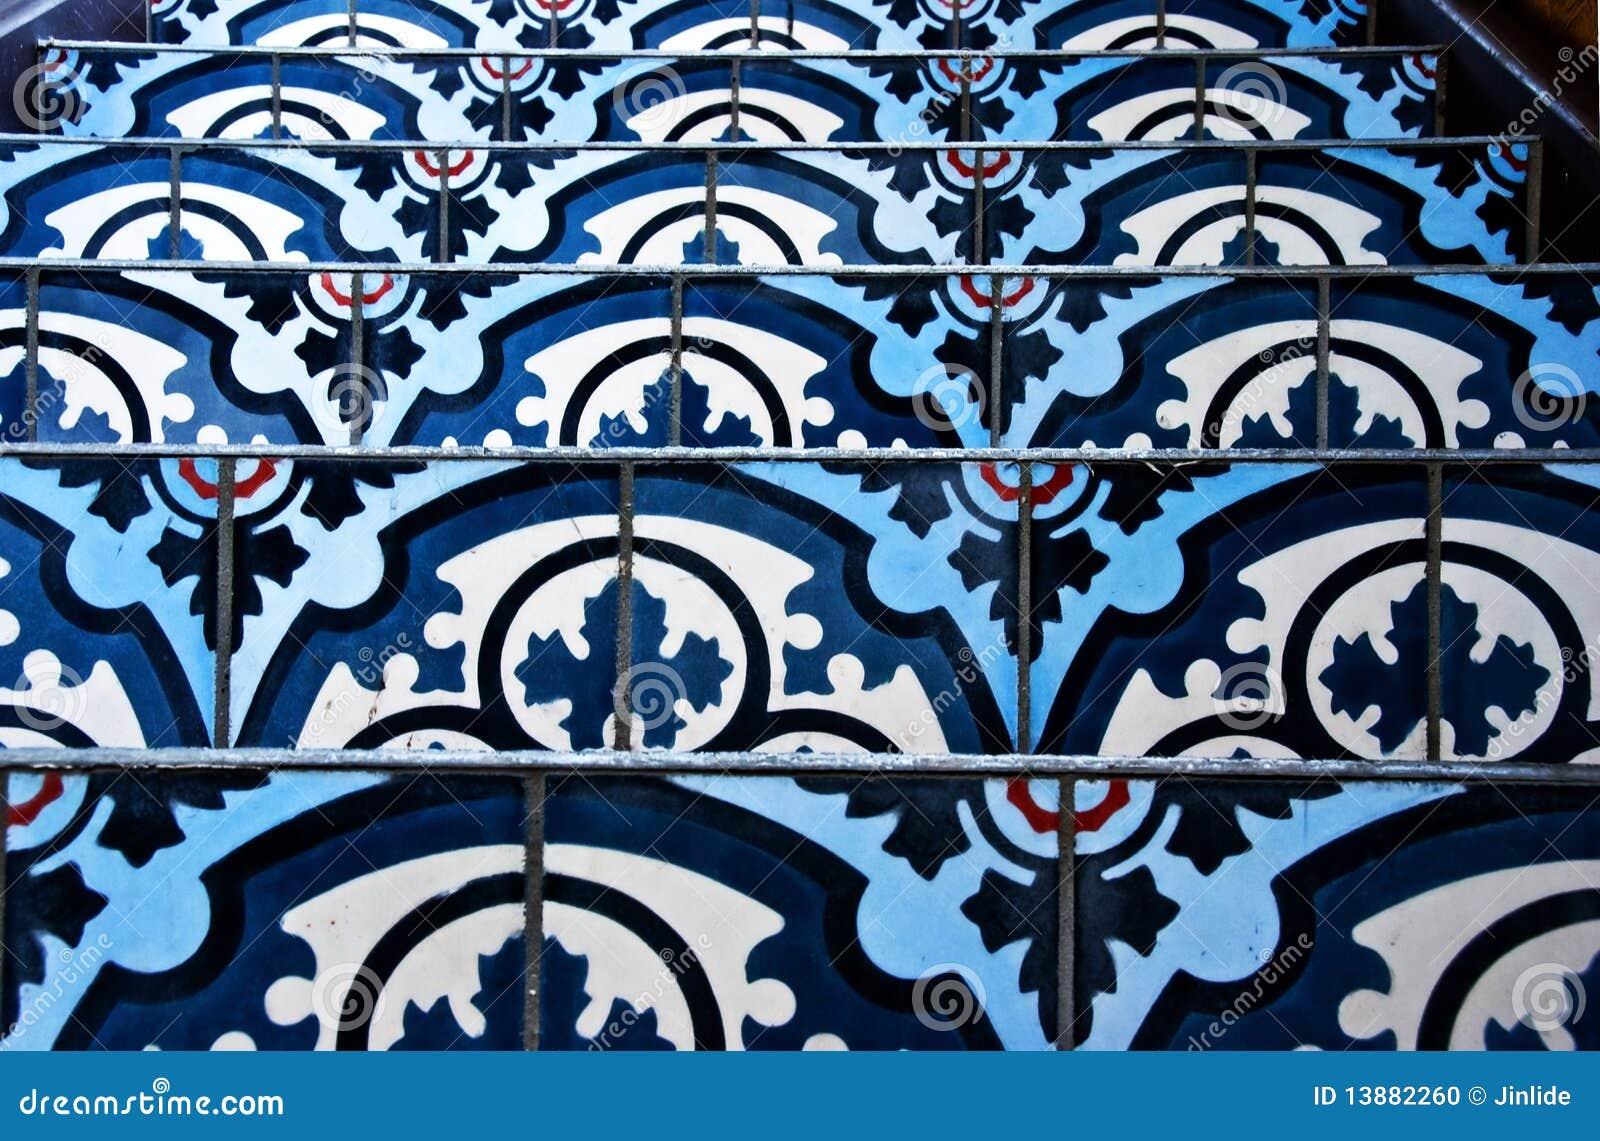 Escalera con los azulejos decorativos foto de archivo for Azulejos decorativos